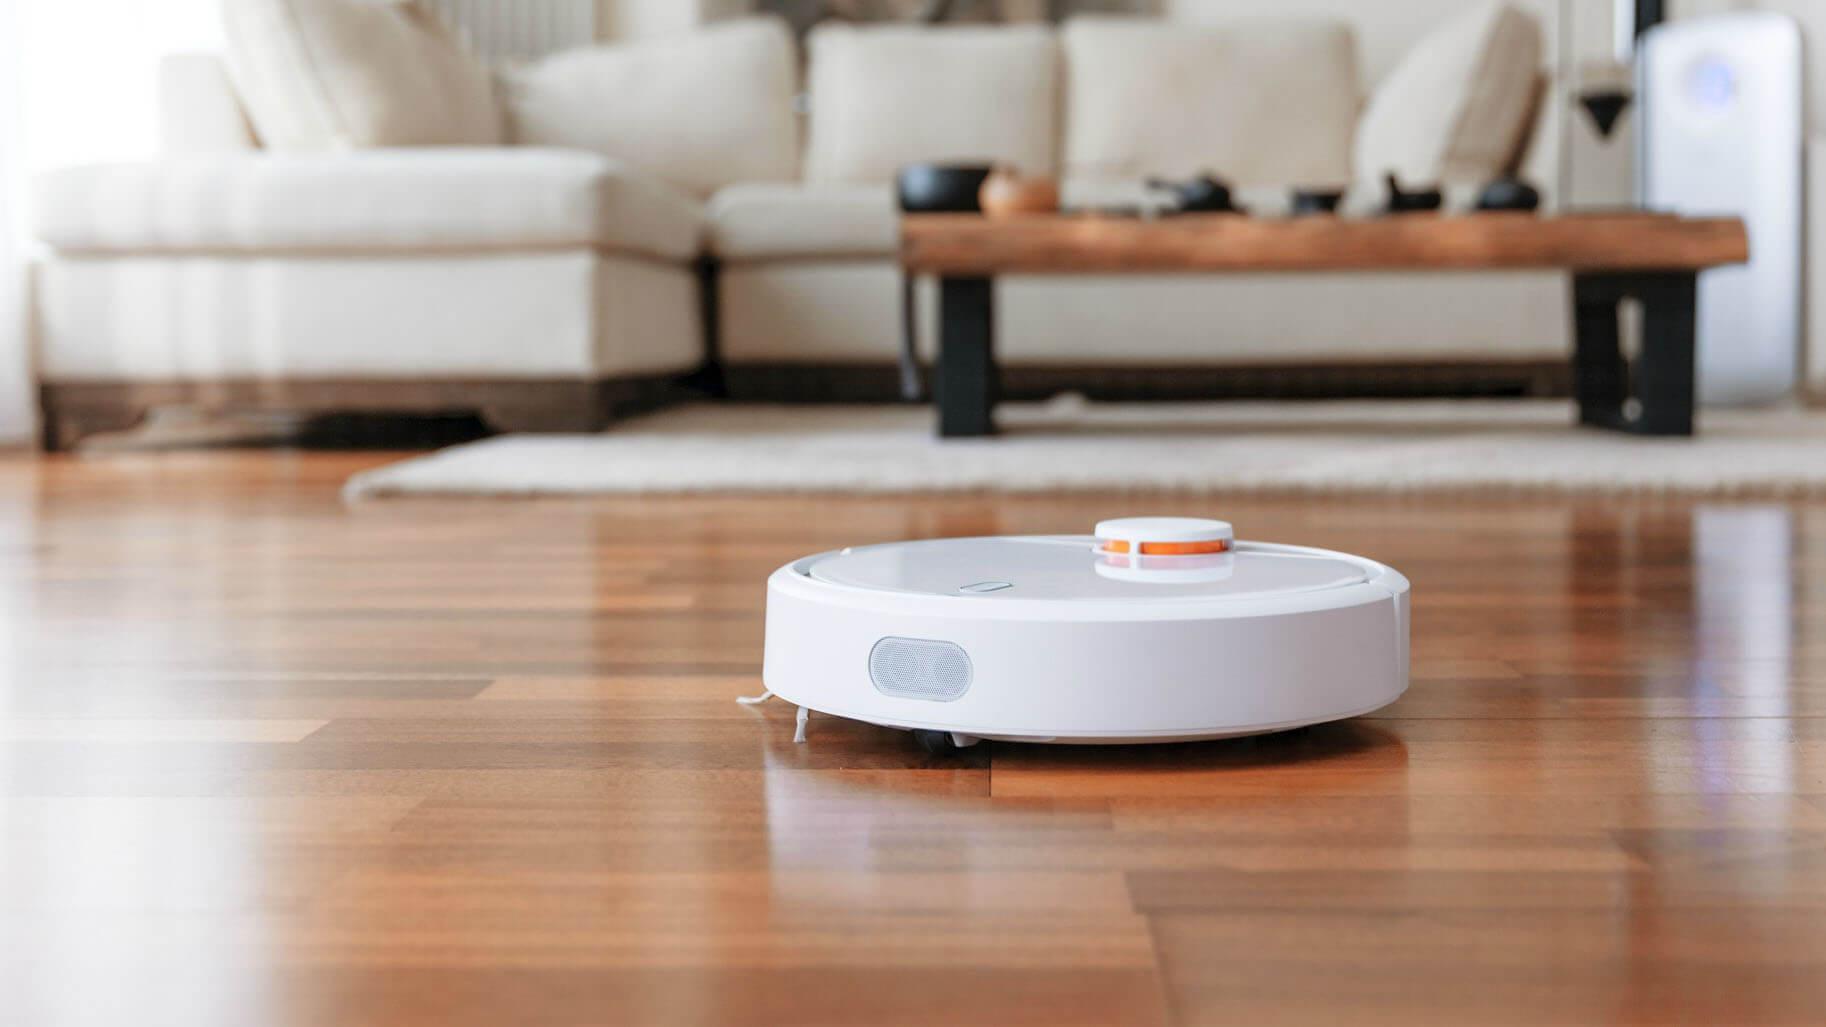 Как выбрать робот пылесос: ТОП 5 лучших моделей